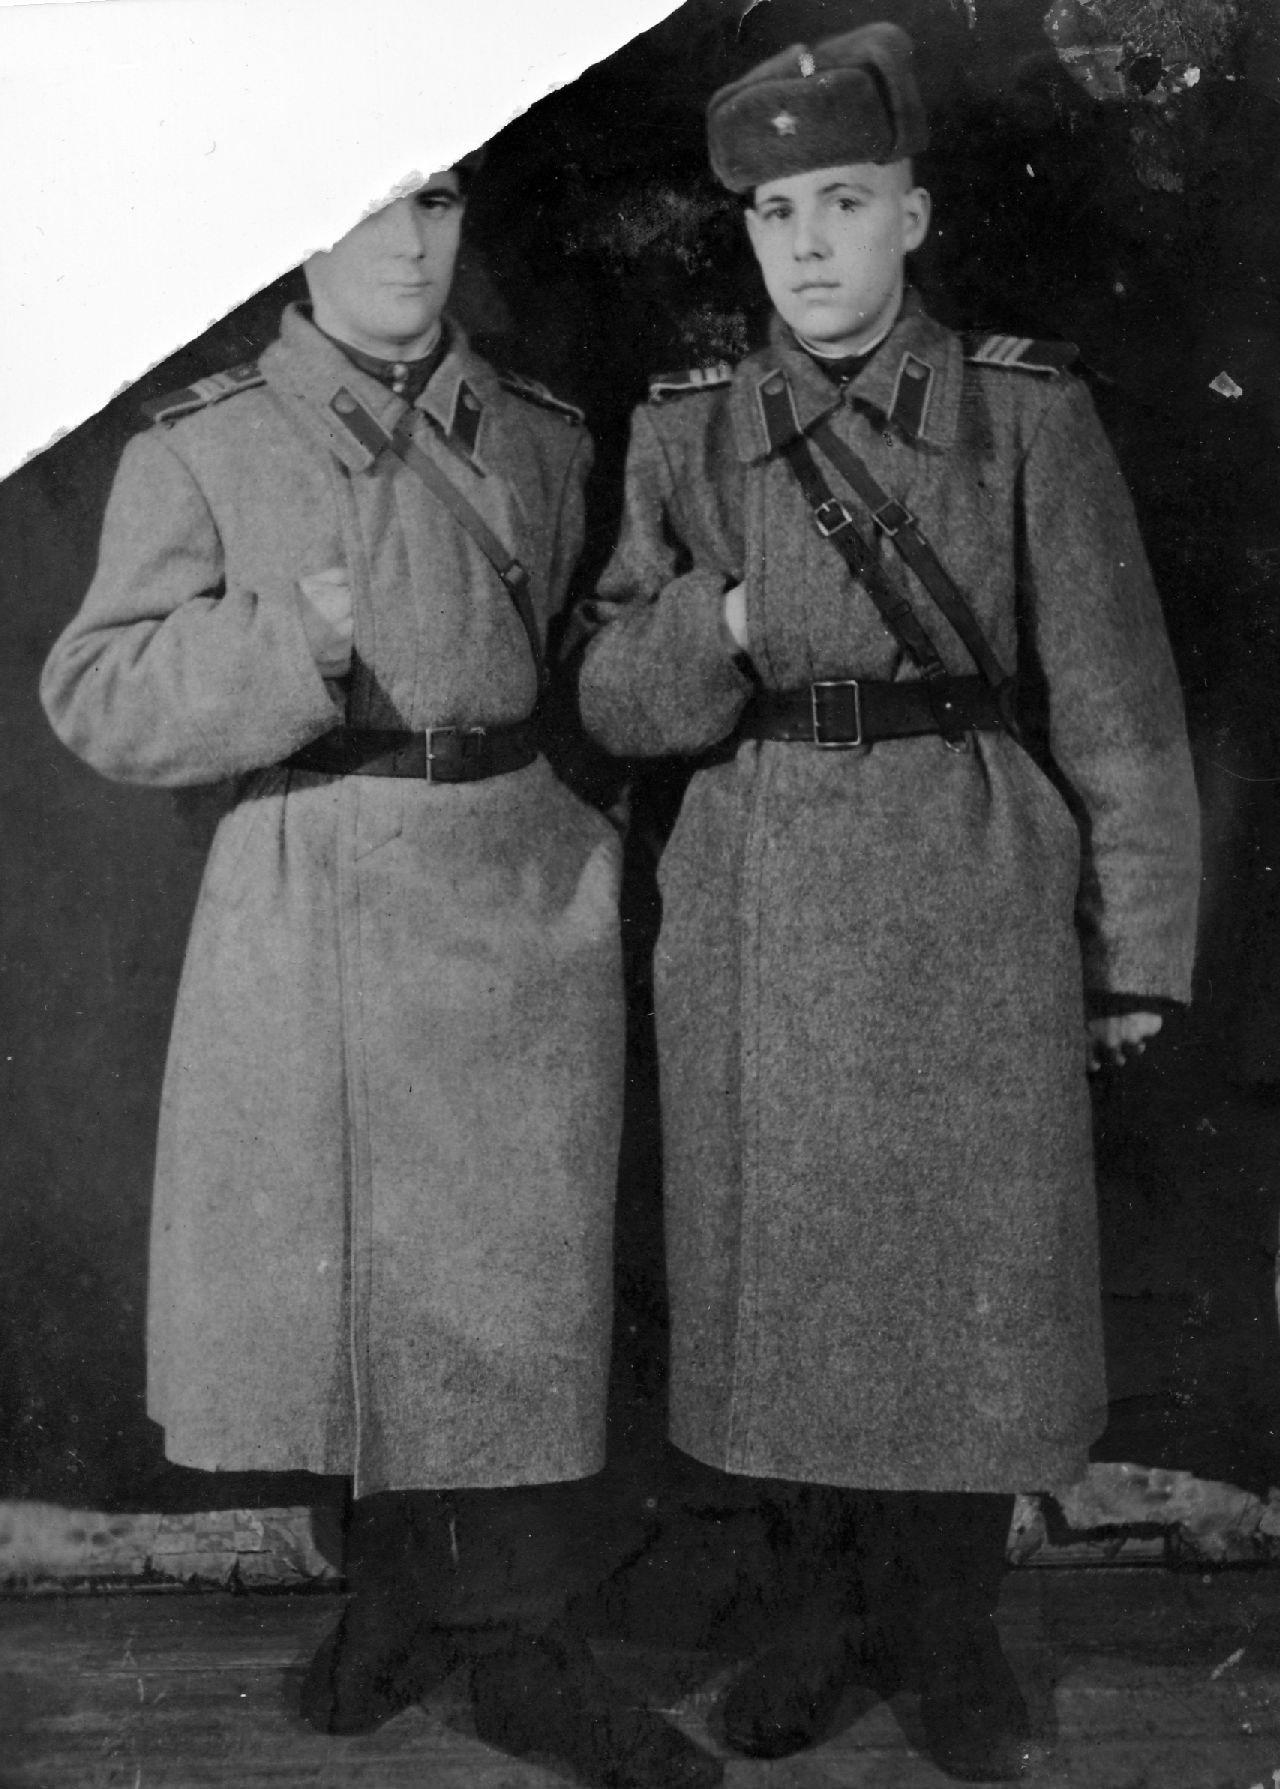 Сержанты в шинелях РККА. 1945 г.